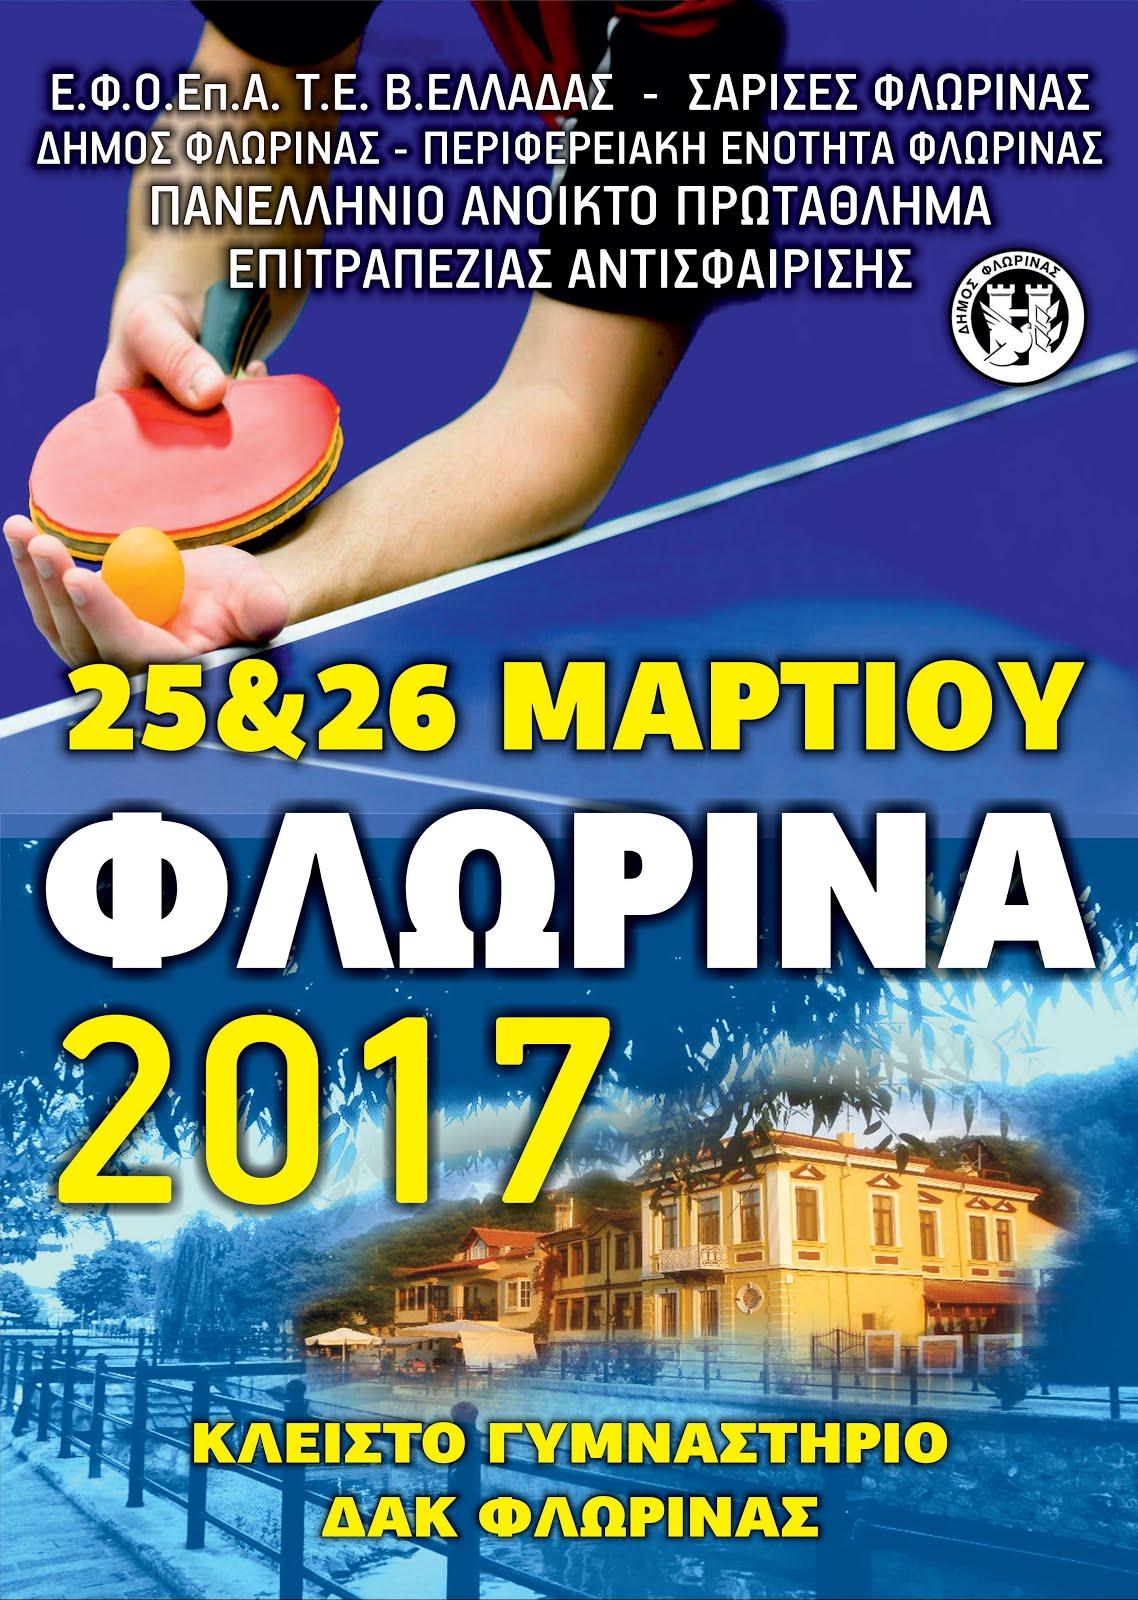 ΟΠΕΝ ΦΛΩΡΙΝΑΣ 2017